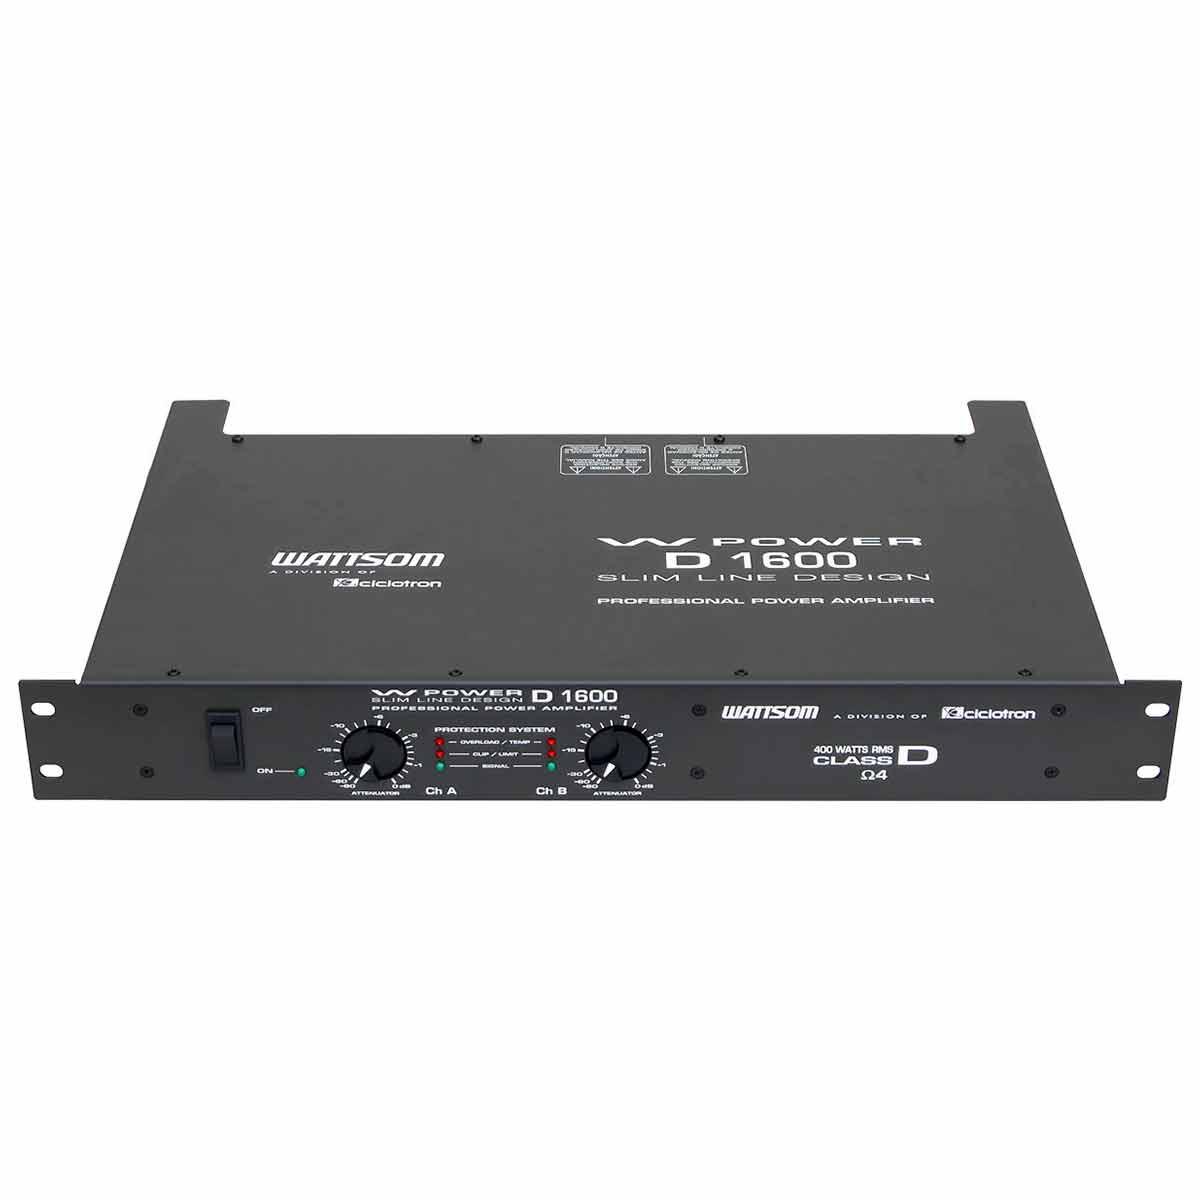 Amplificador Estéreo 2 Canais 400W W Power D 1600 - Ciclotron